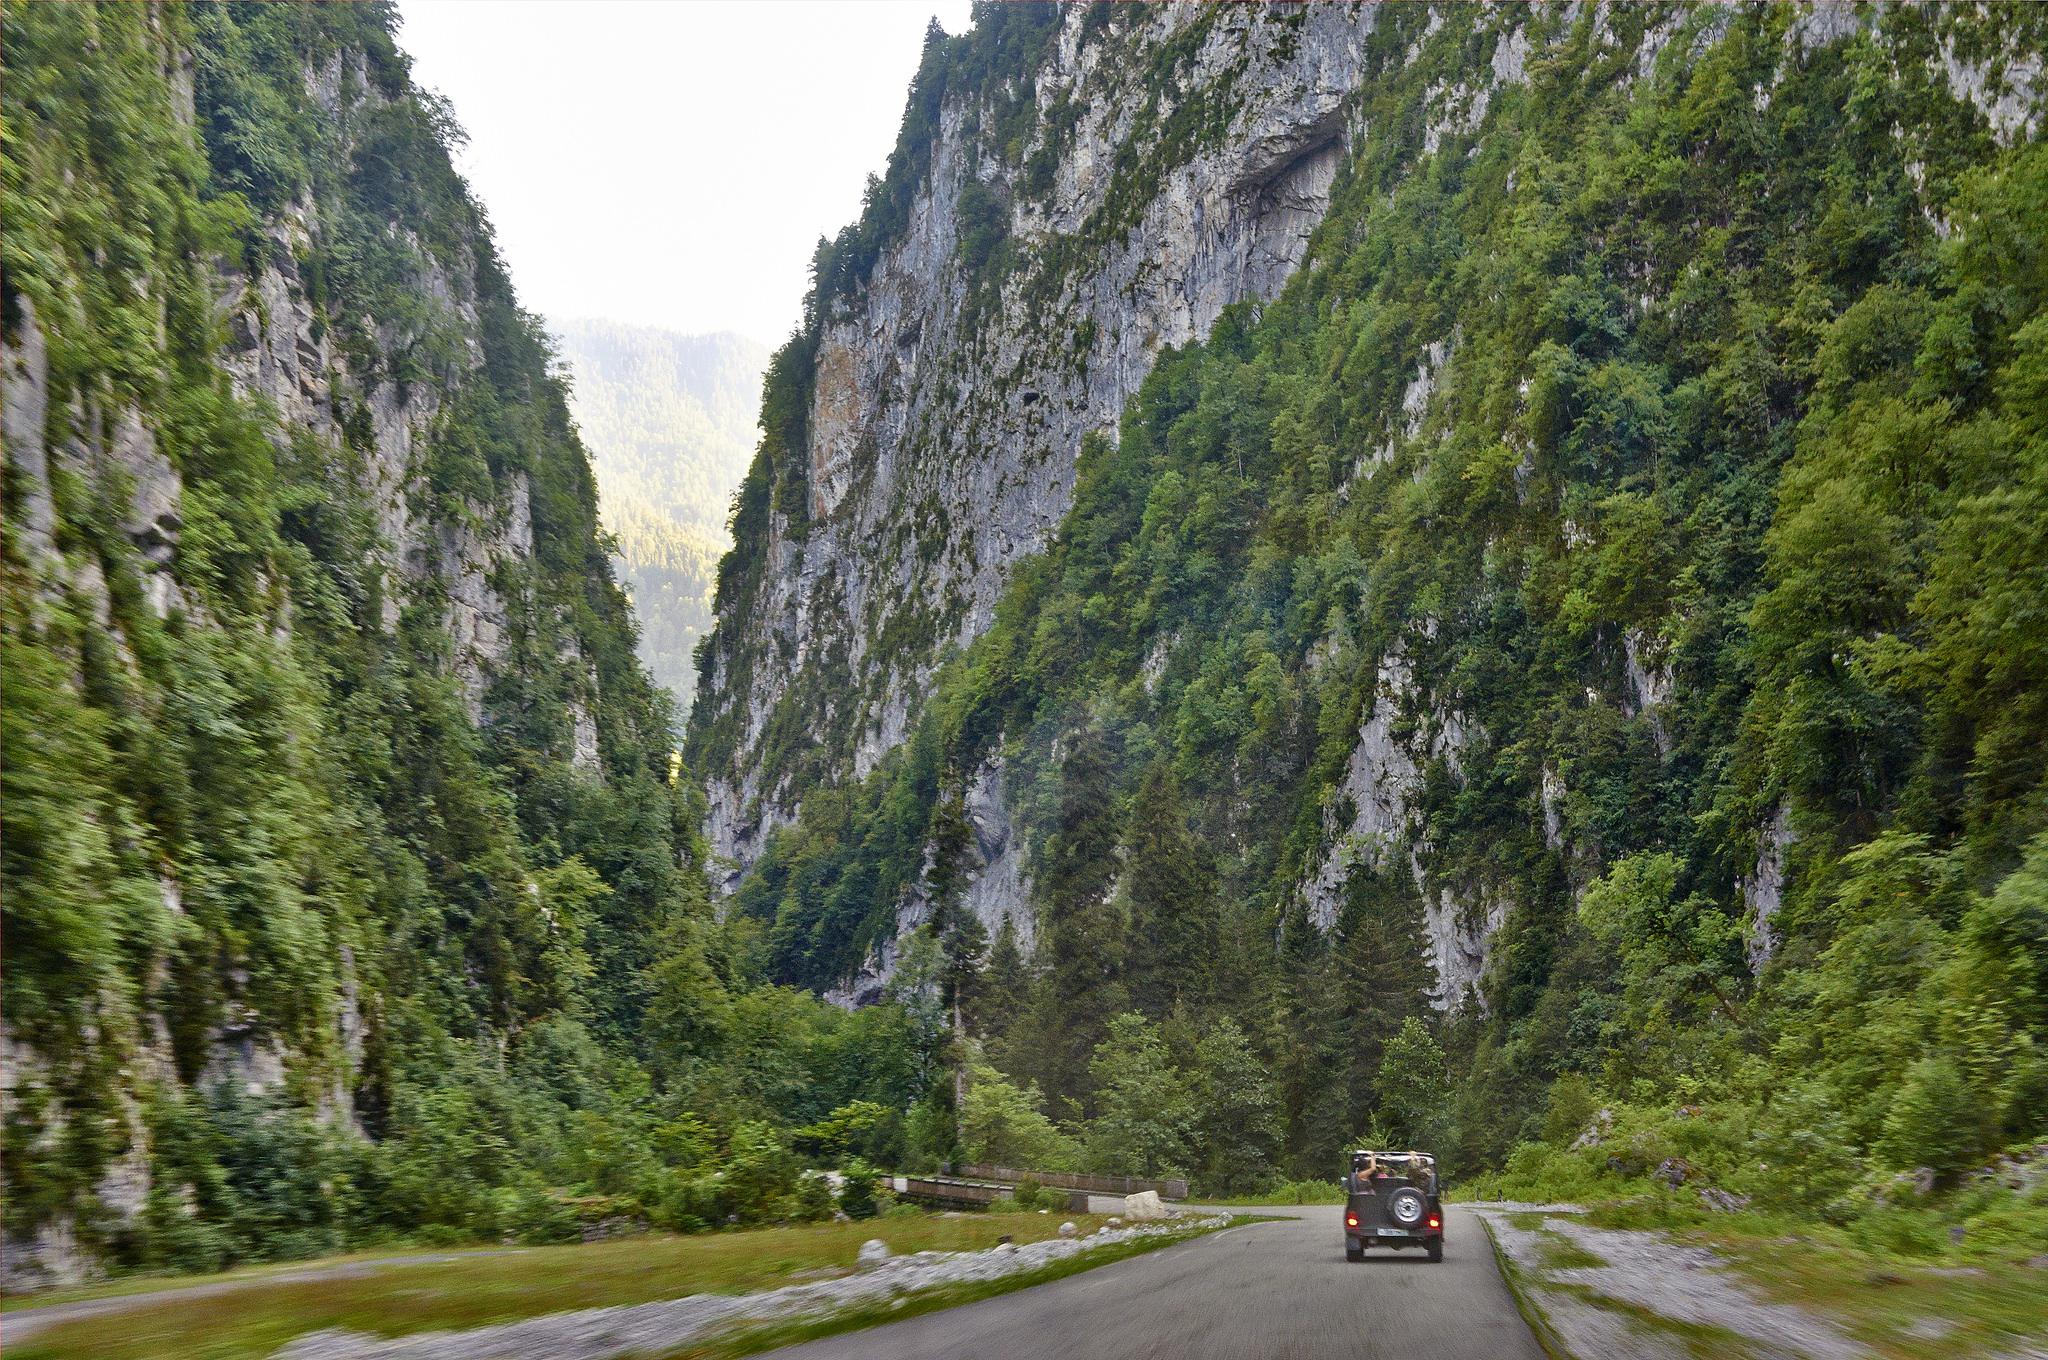 По количеству «инстаграмных» интерьеров застывшая в «совке» Абхазия не уступает Грузии